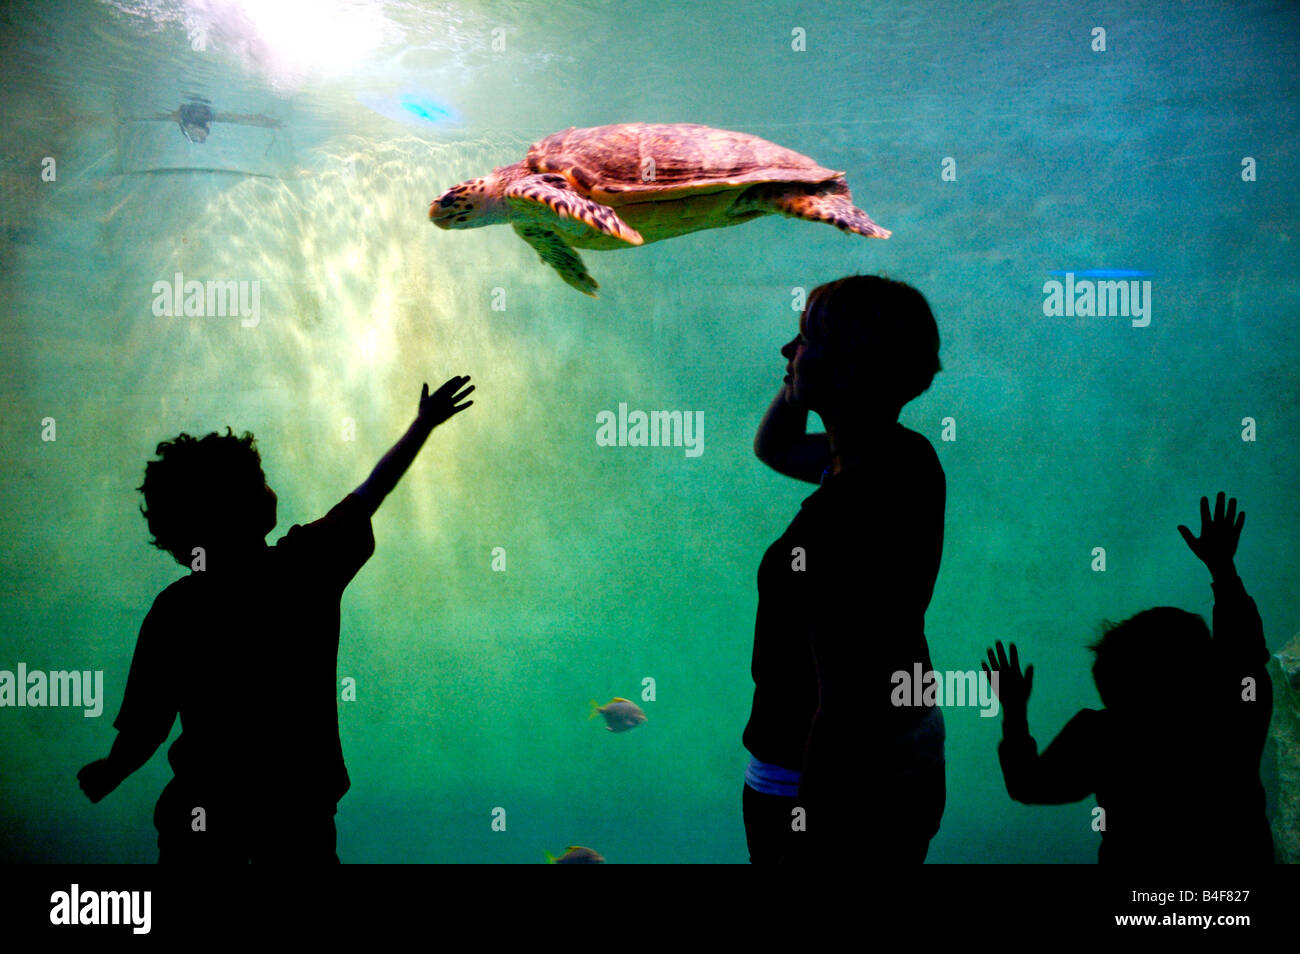 Les enfants regarder une tortue nageant dans un aquarium, France Photo Stock